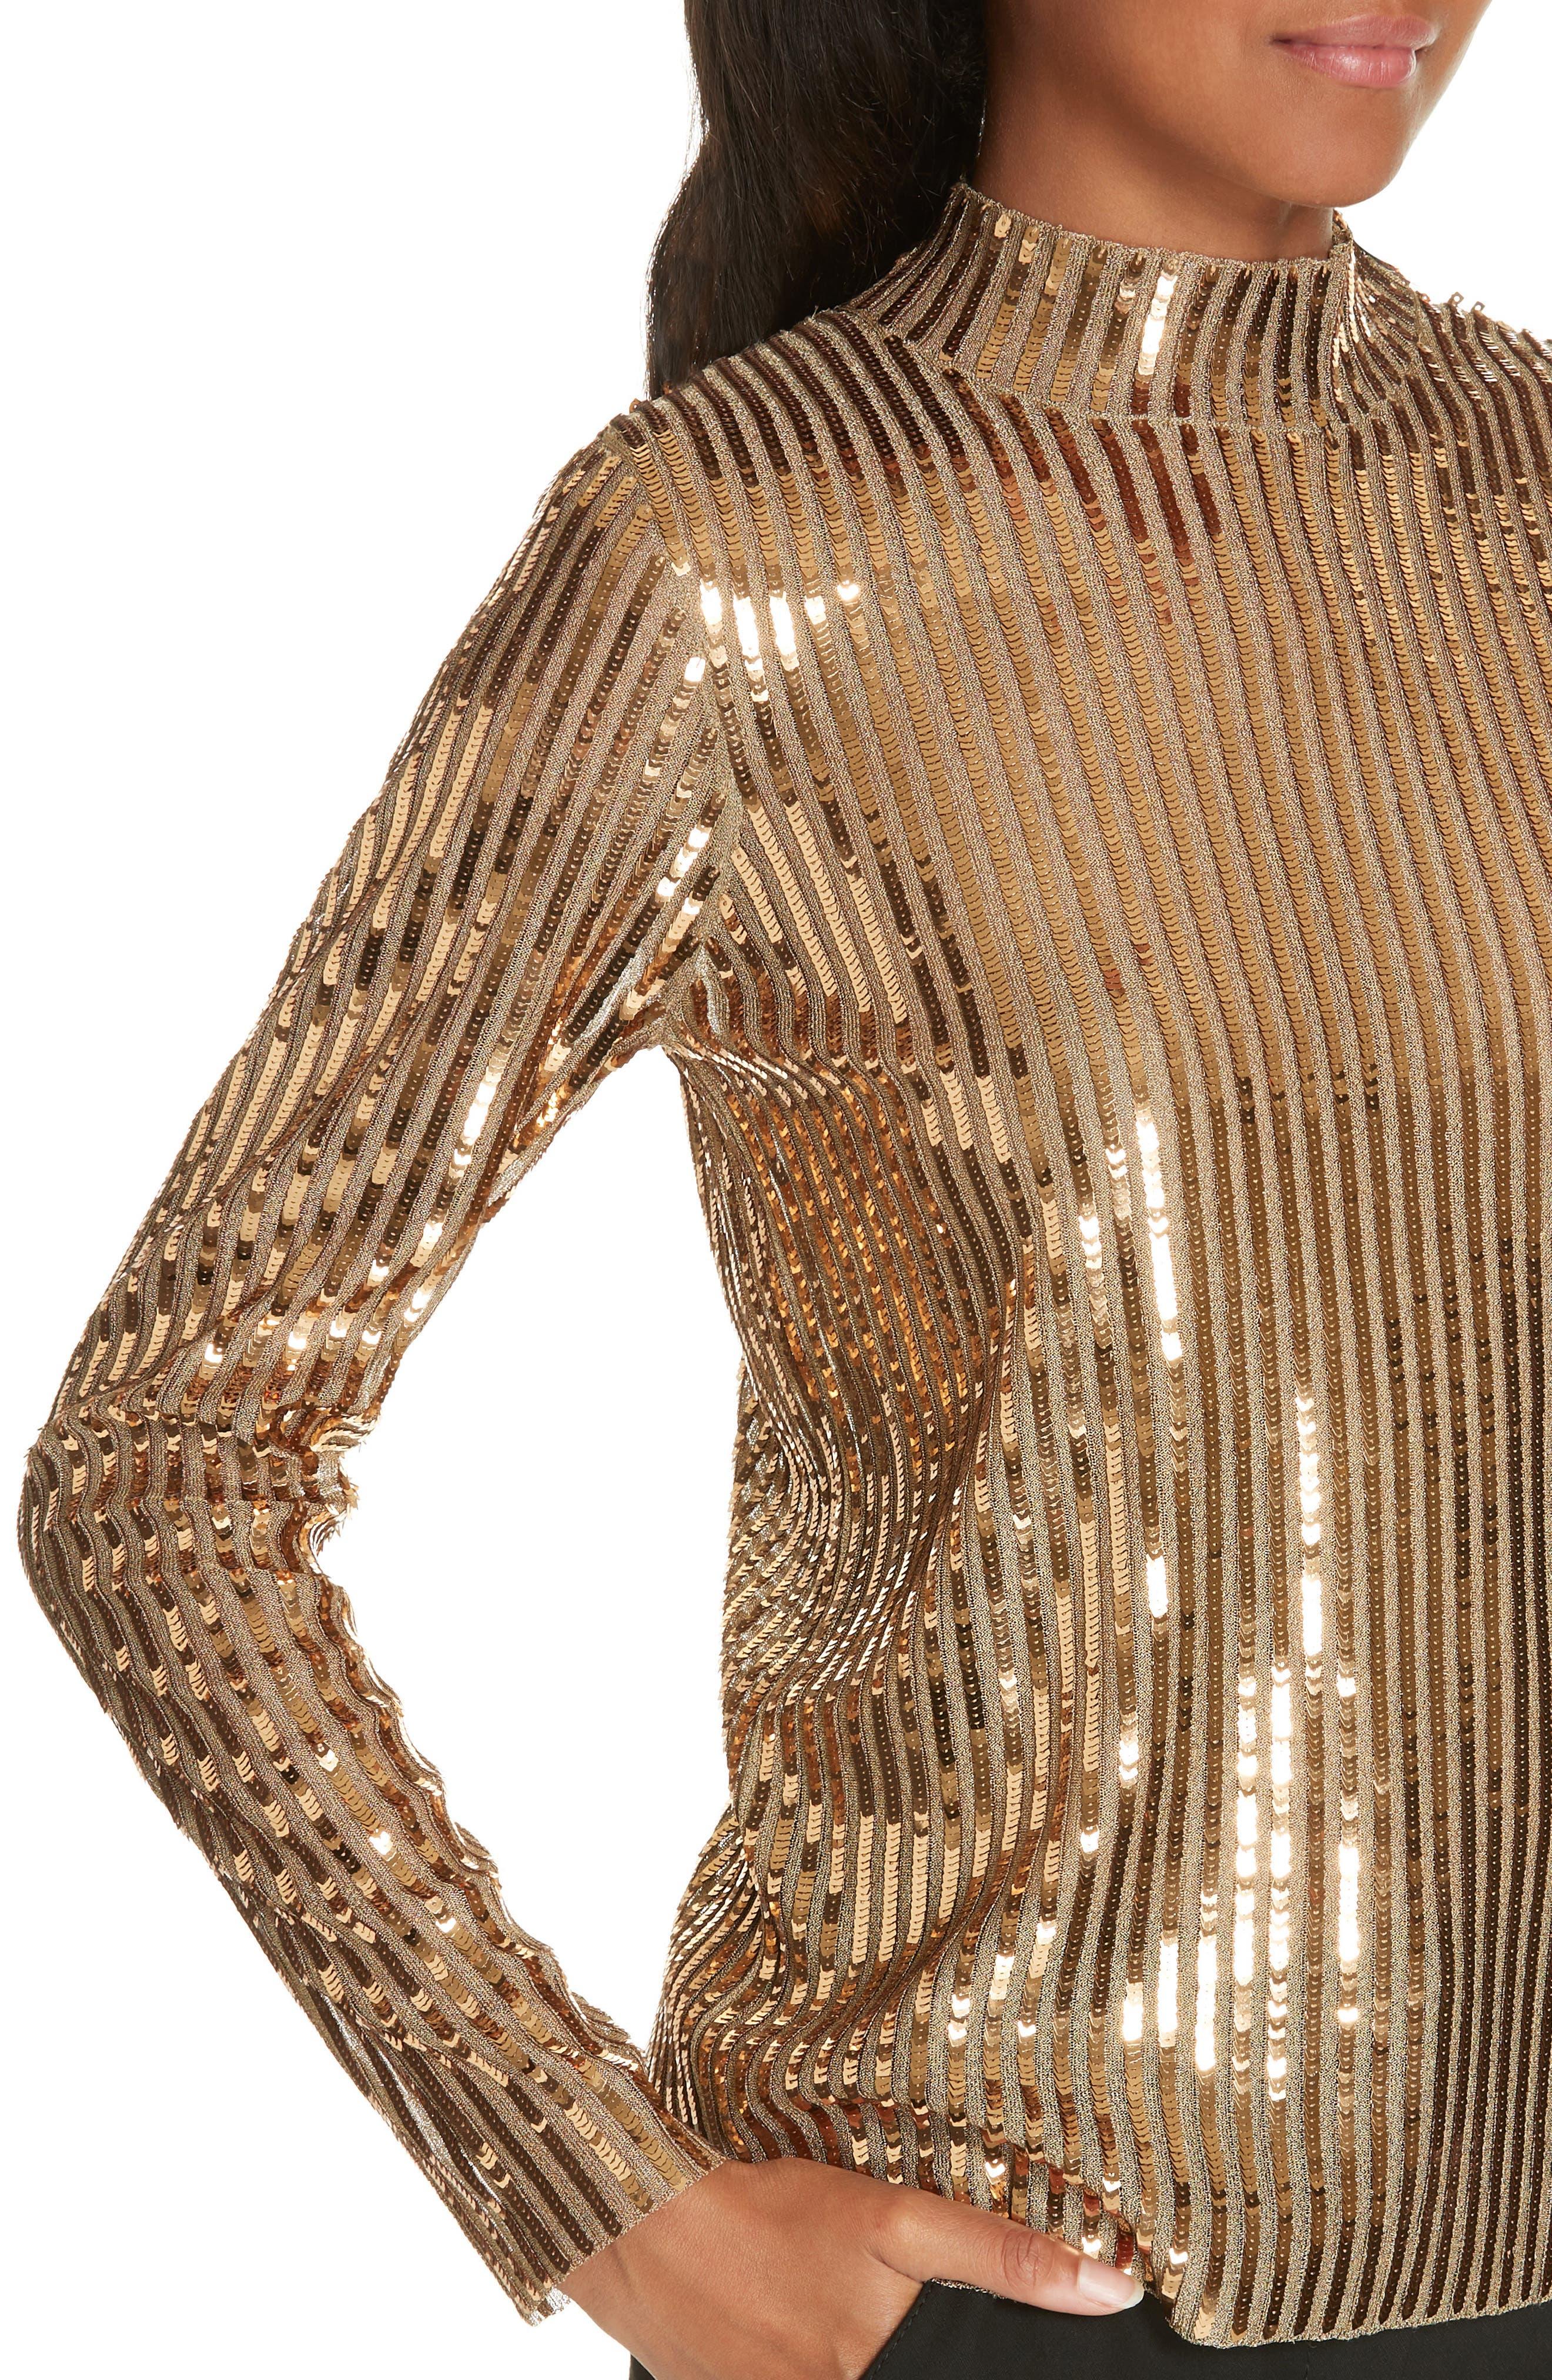 Grace Gold Sequins Top,                             Alternate thumbnail 4, color,                             GOLD